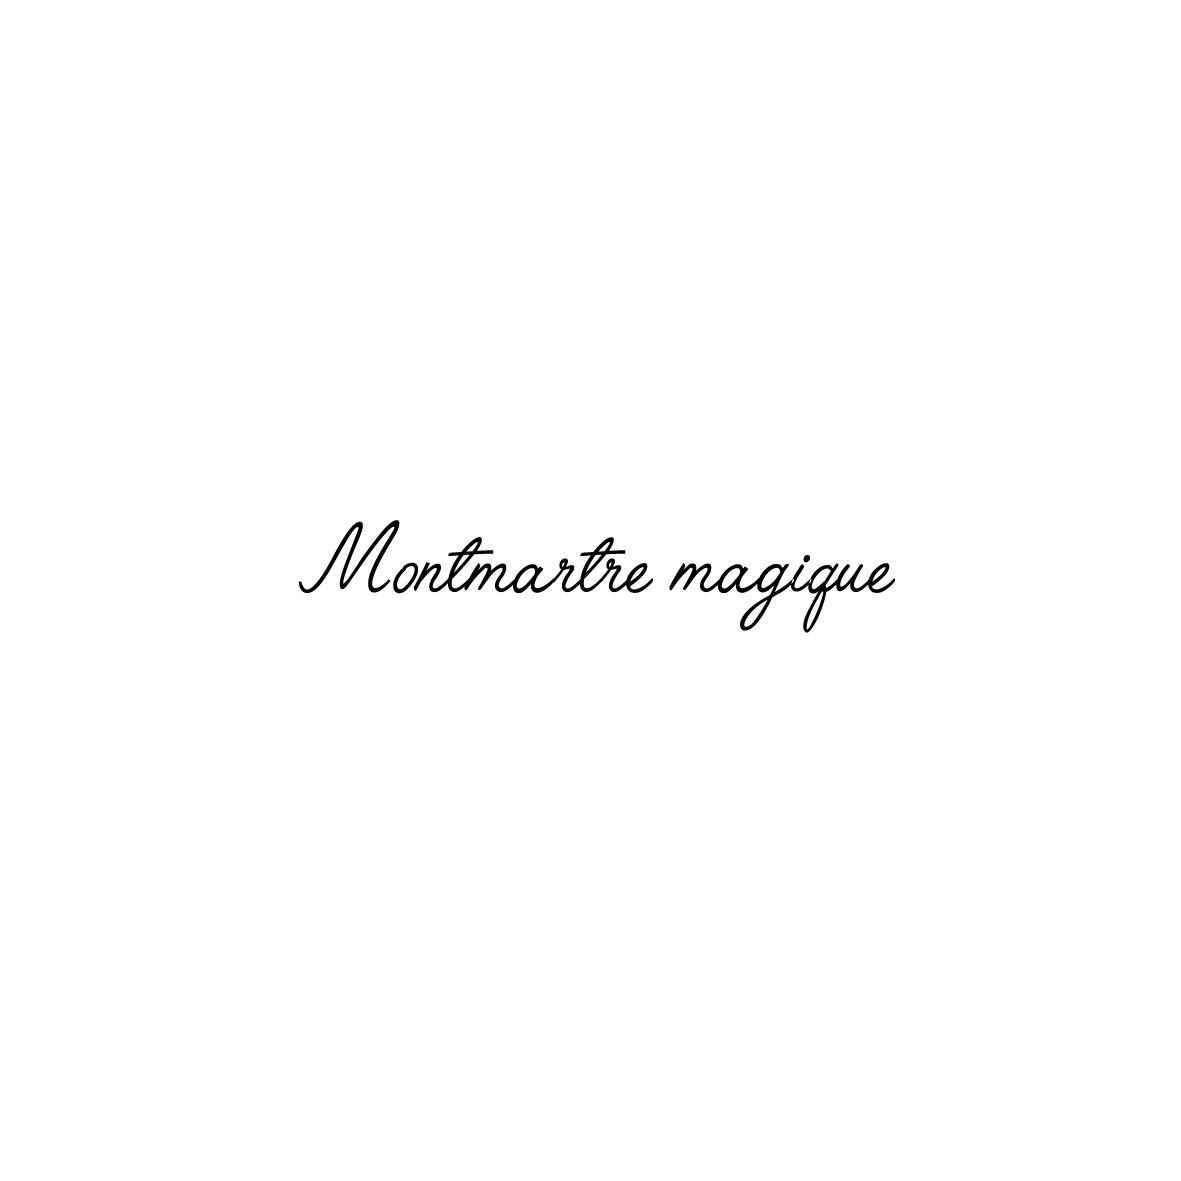 Montmartremagique.jpg